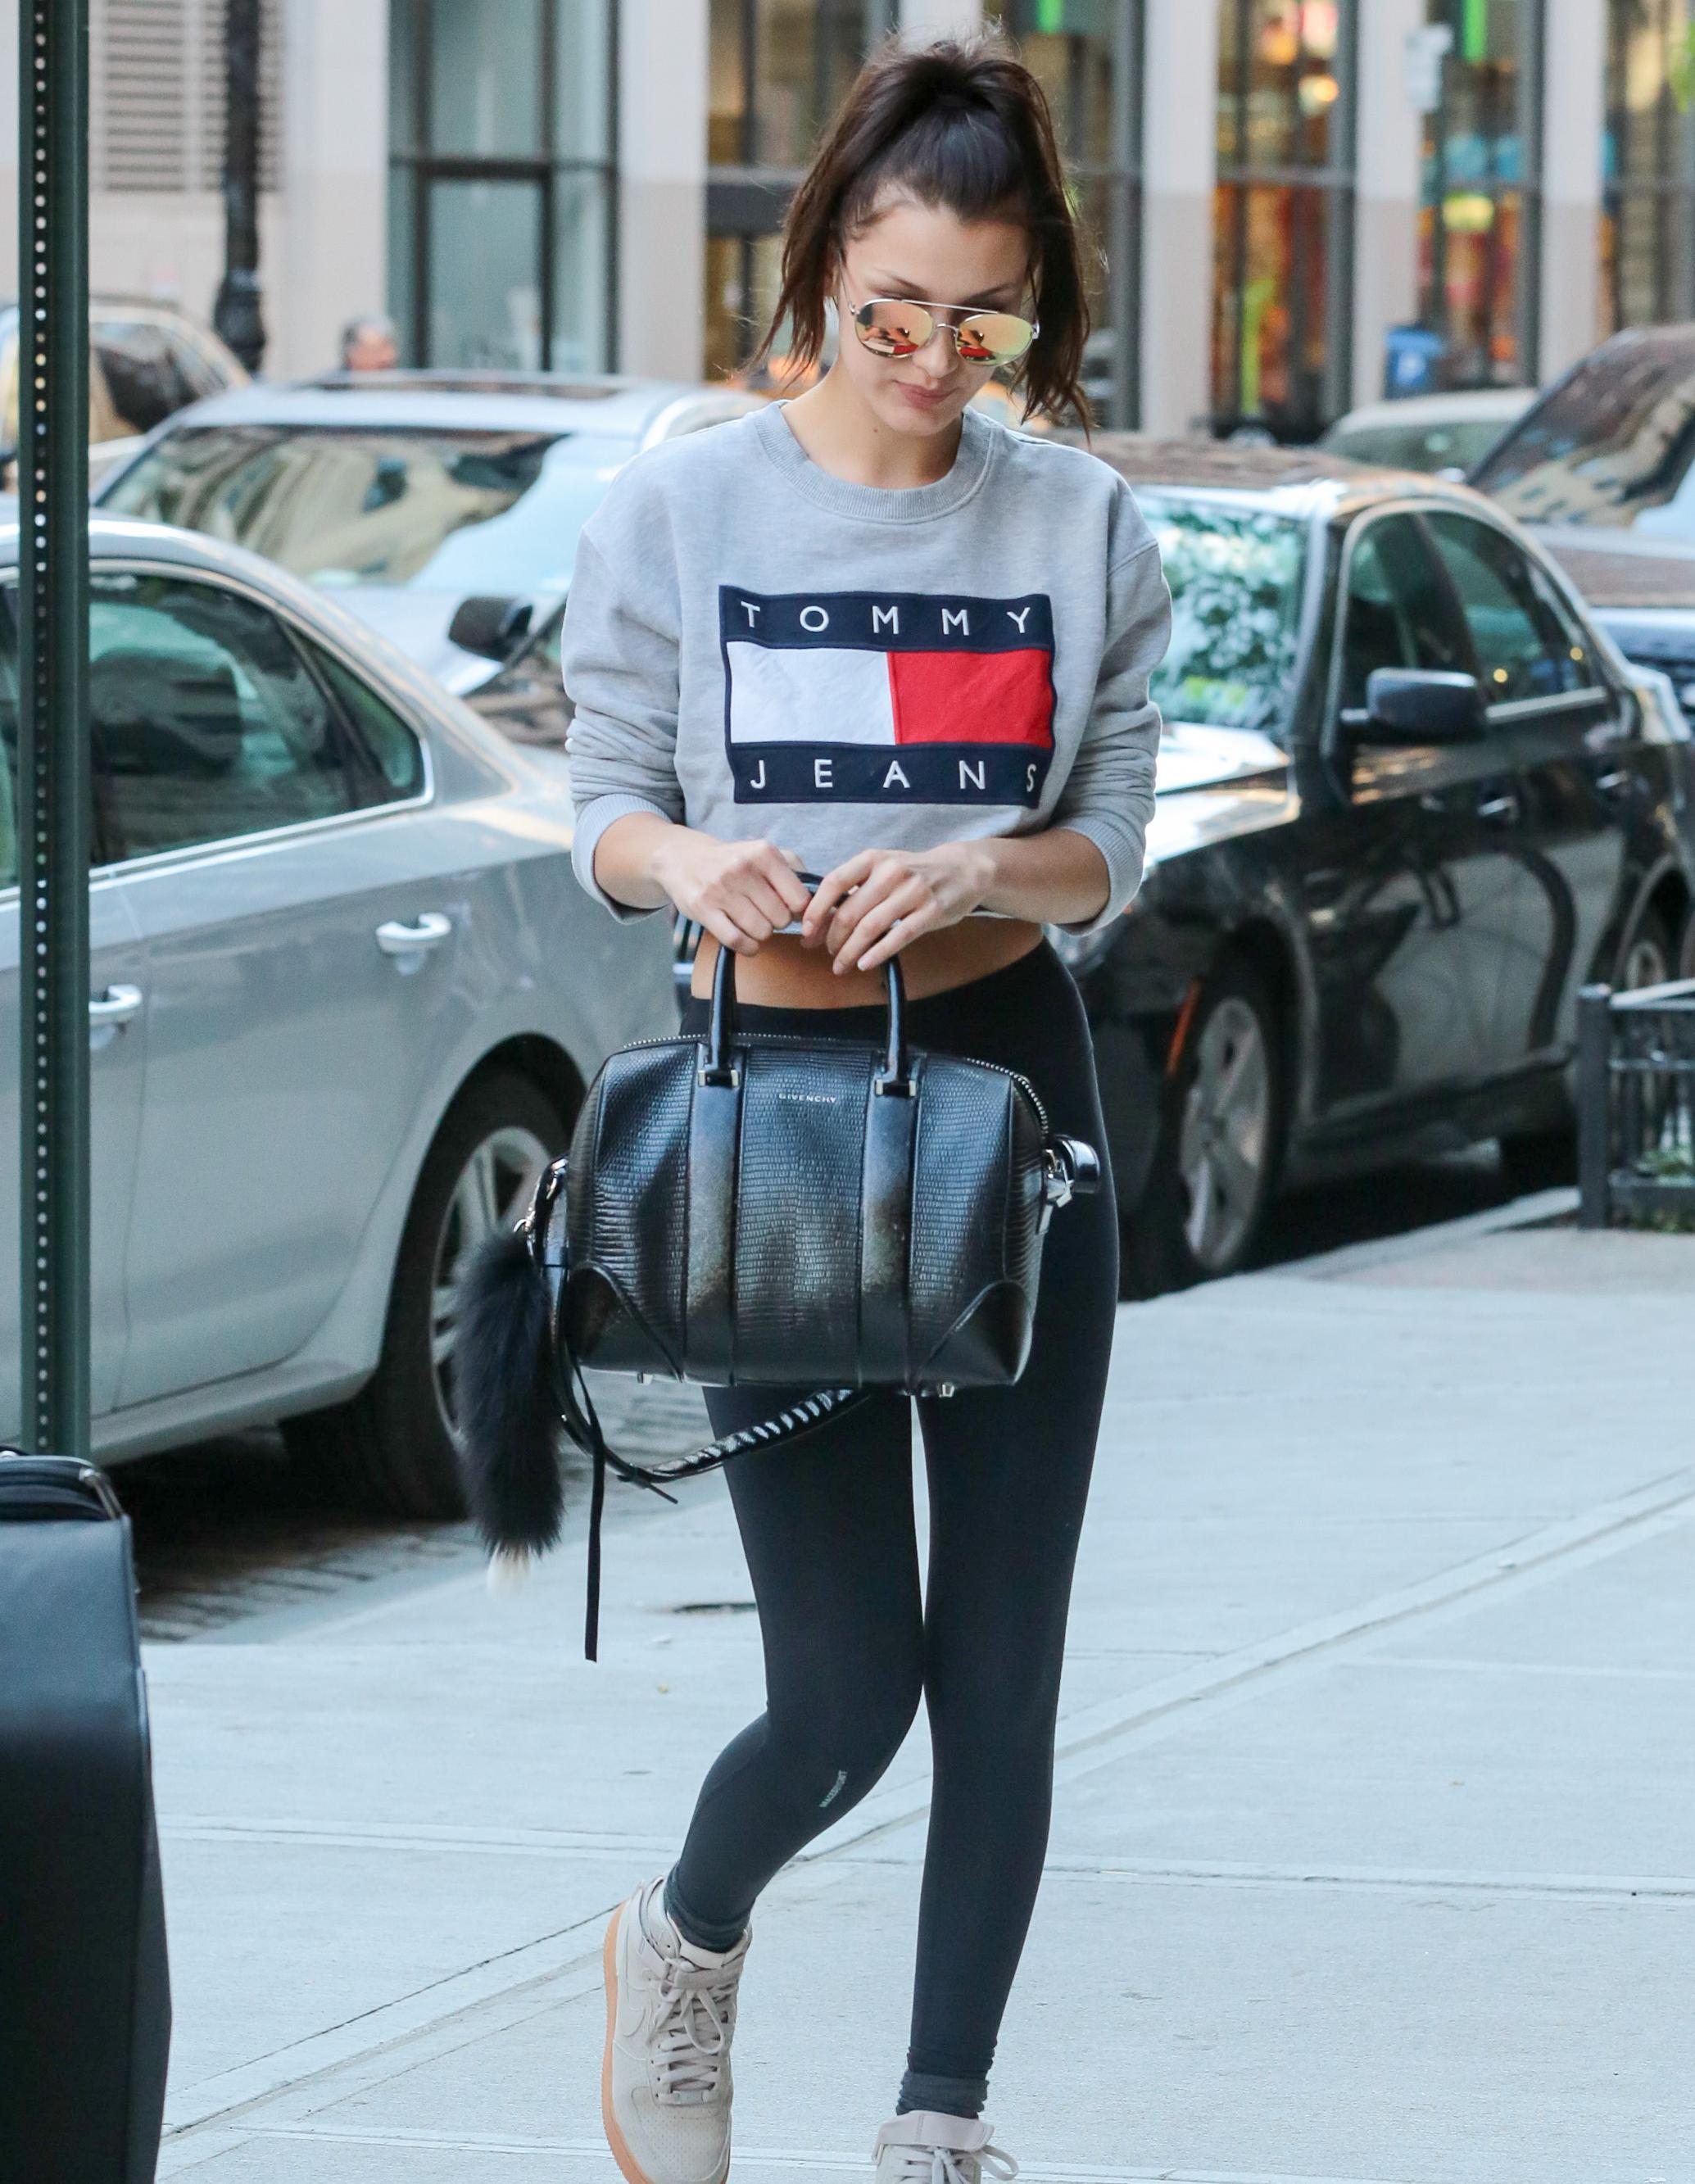 comment porter un legging 7 pi ces que vous ne devriez jamais porter avec un legging elle. Black Bedroom Furniture Sets. Home Design Ideas